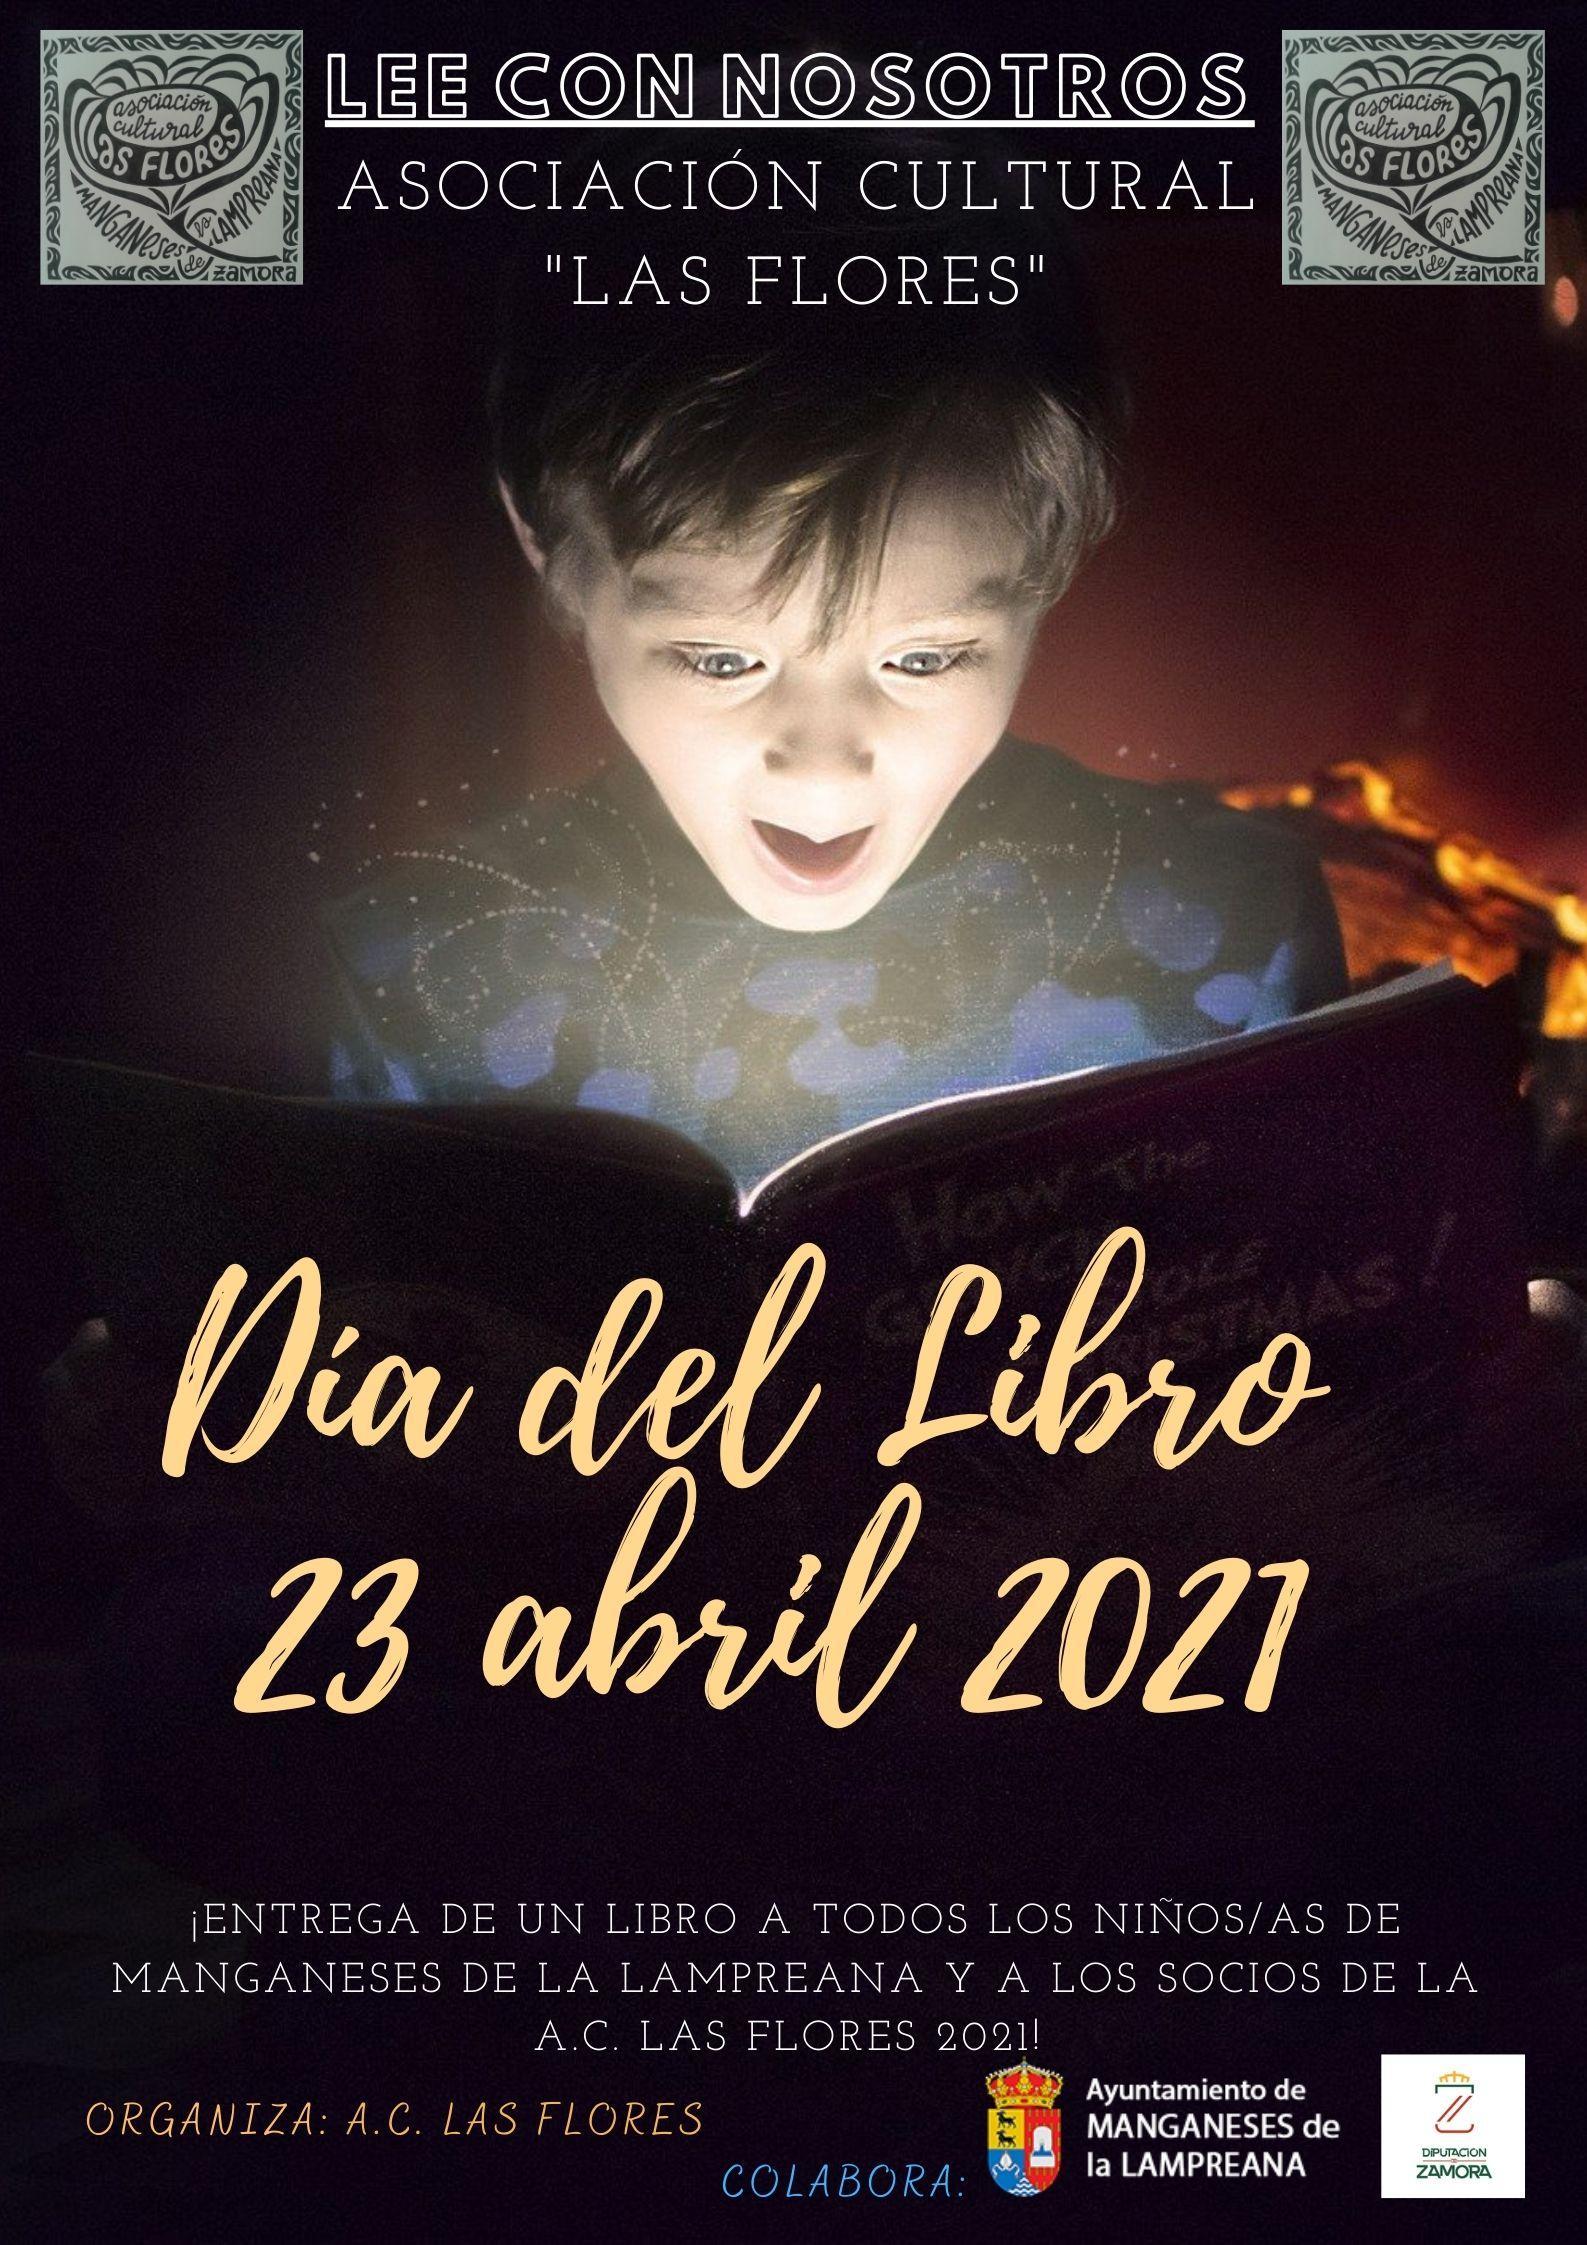 Día del Libro 2021 en Manganeses de la Lampreana. Organizado por la Asociación Cultural «Las Flores».